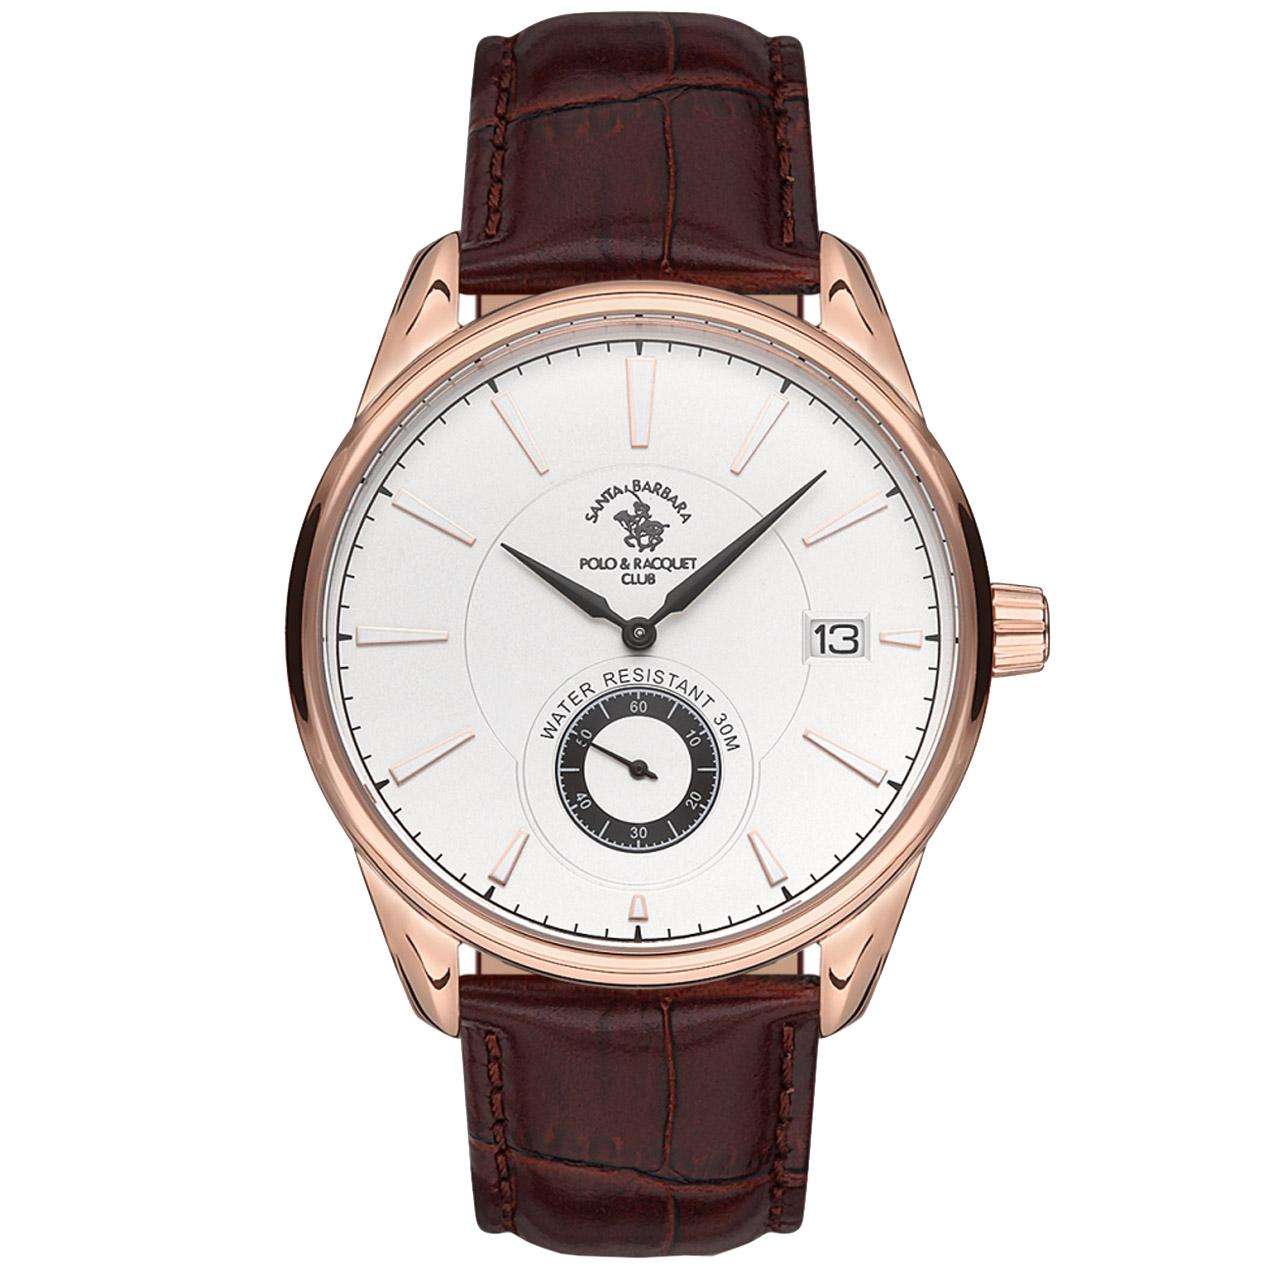 ساعت مچی عقربه ای مردانه سانتا باربارا مدل sb.5.1156.1